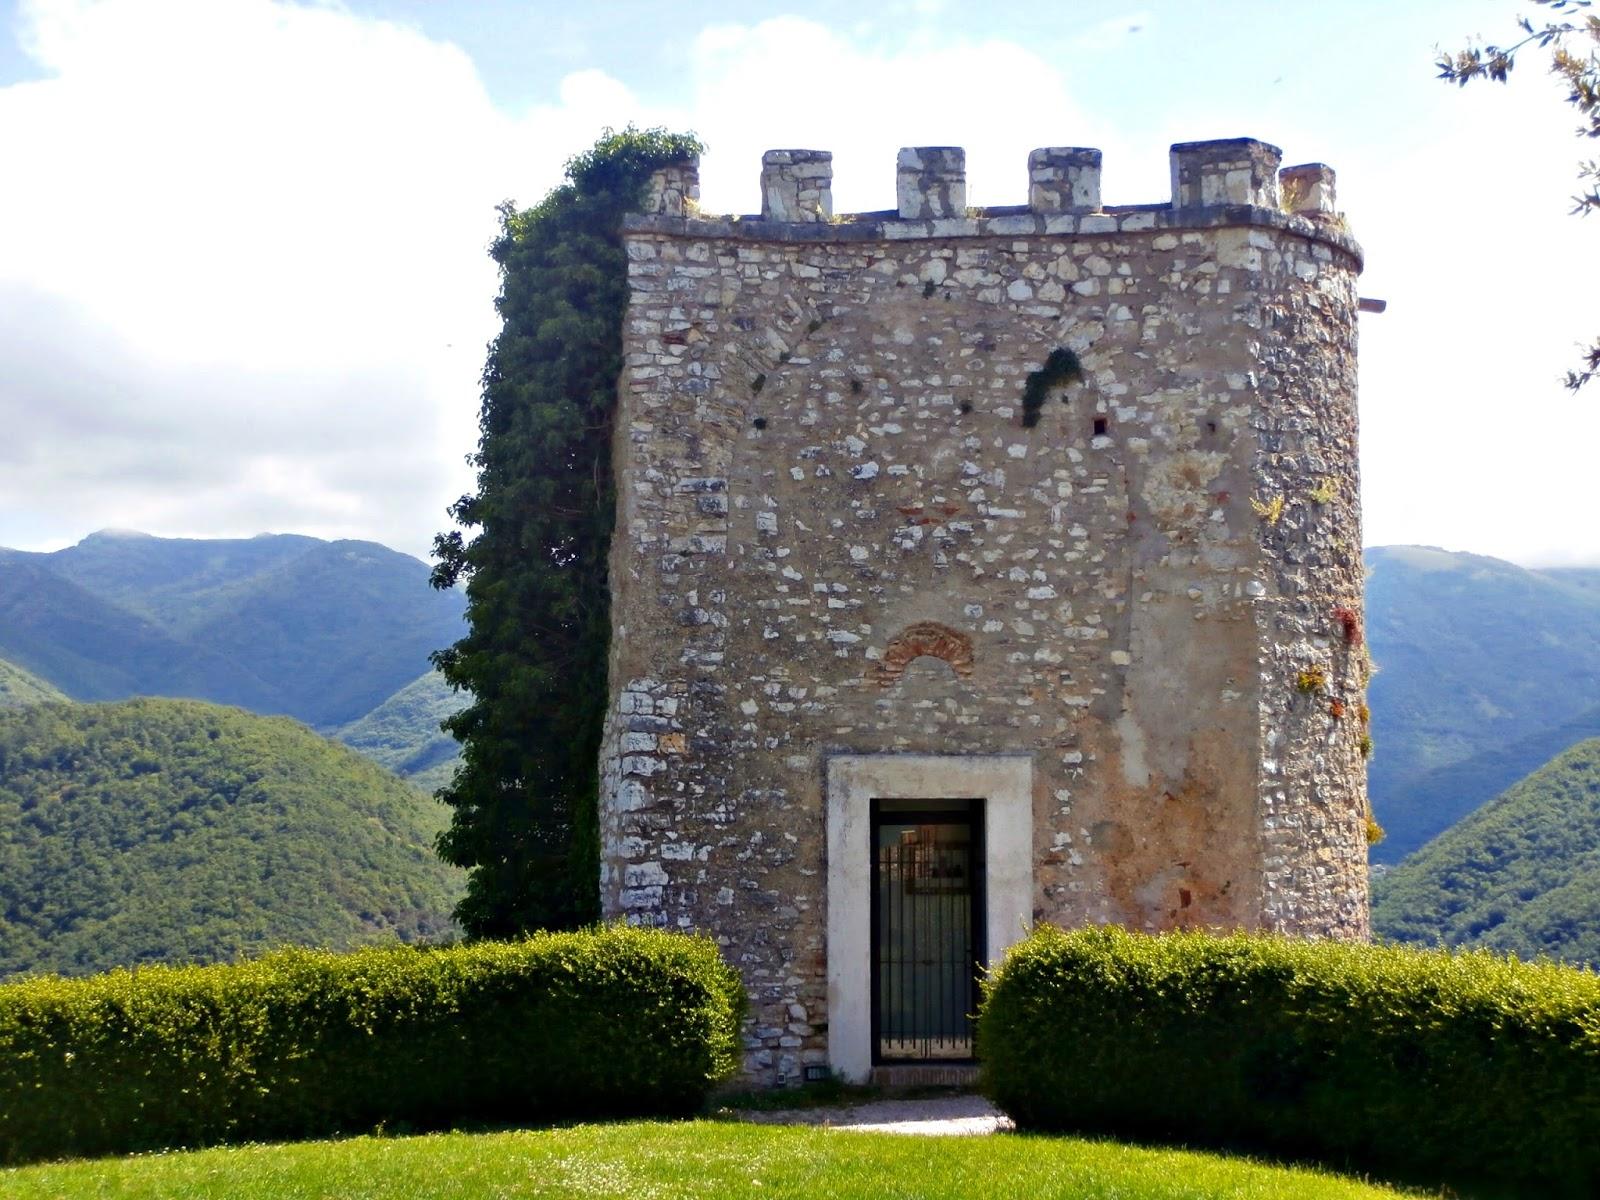 File:La torretta del castello di Labro.jpg